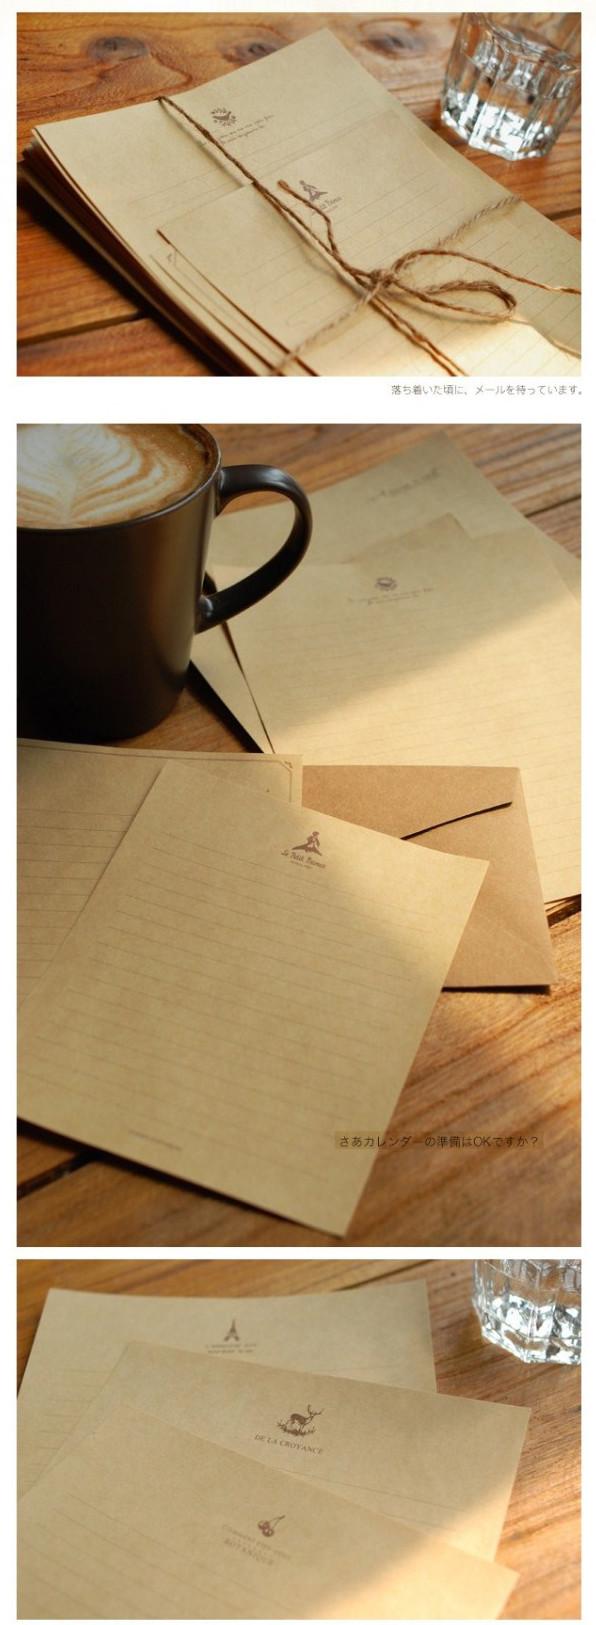 牛皮纸信纸 一套8张 欧式鹅毛笔 创意复古清新小礼物品 生日奖品